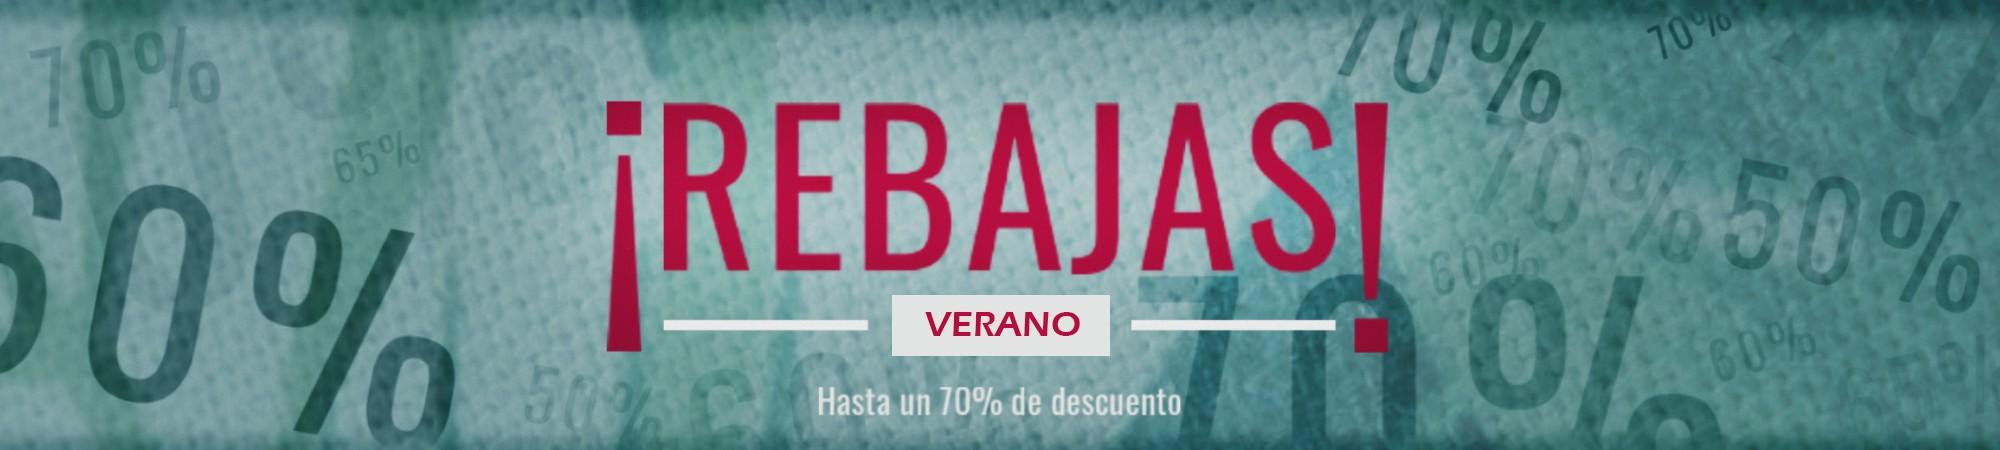 REBAJAS DE VERANO